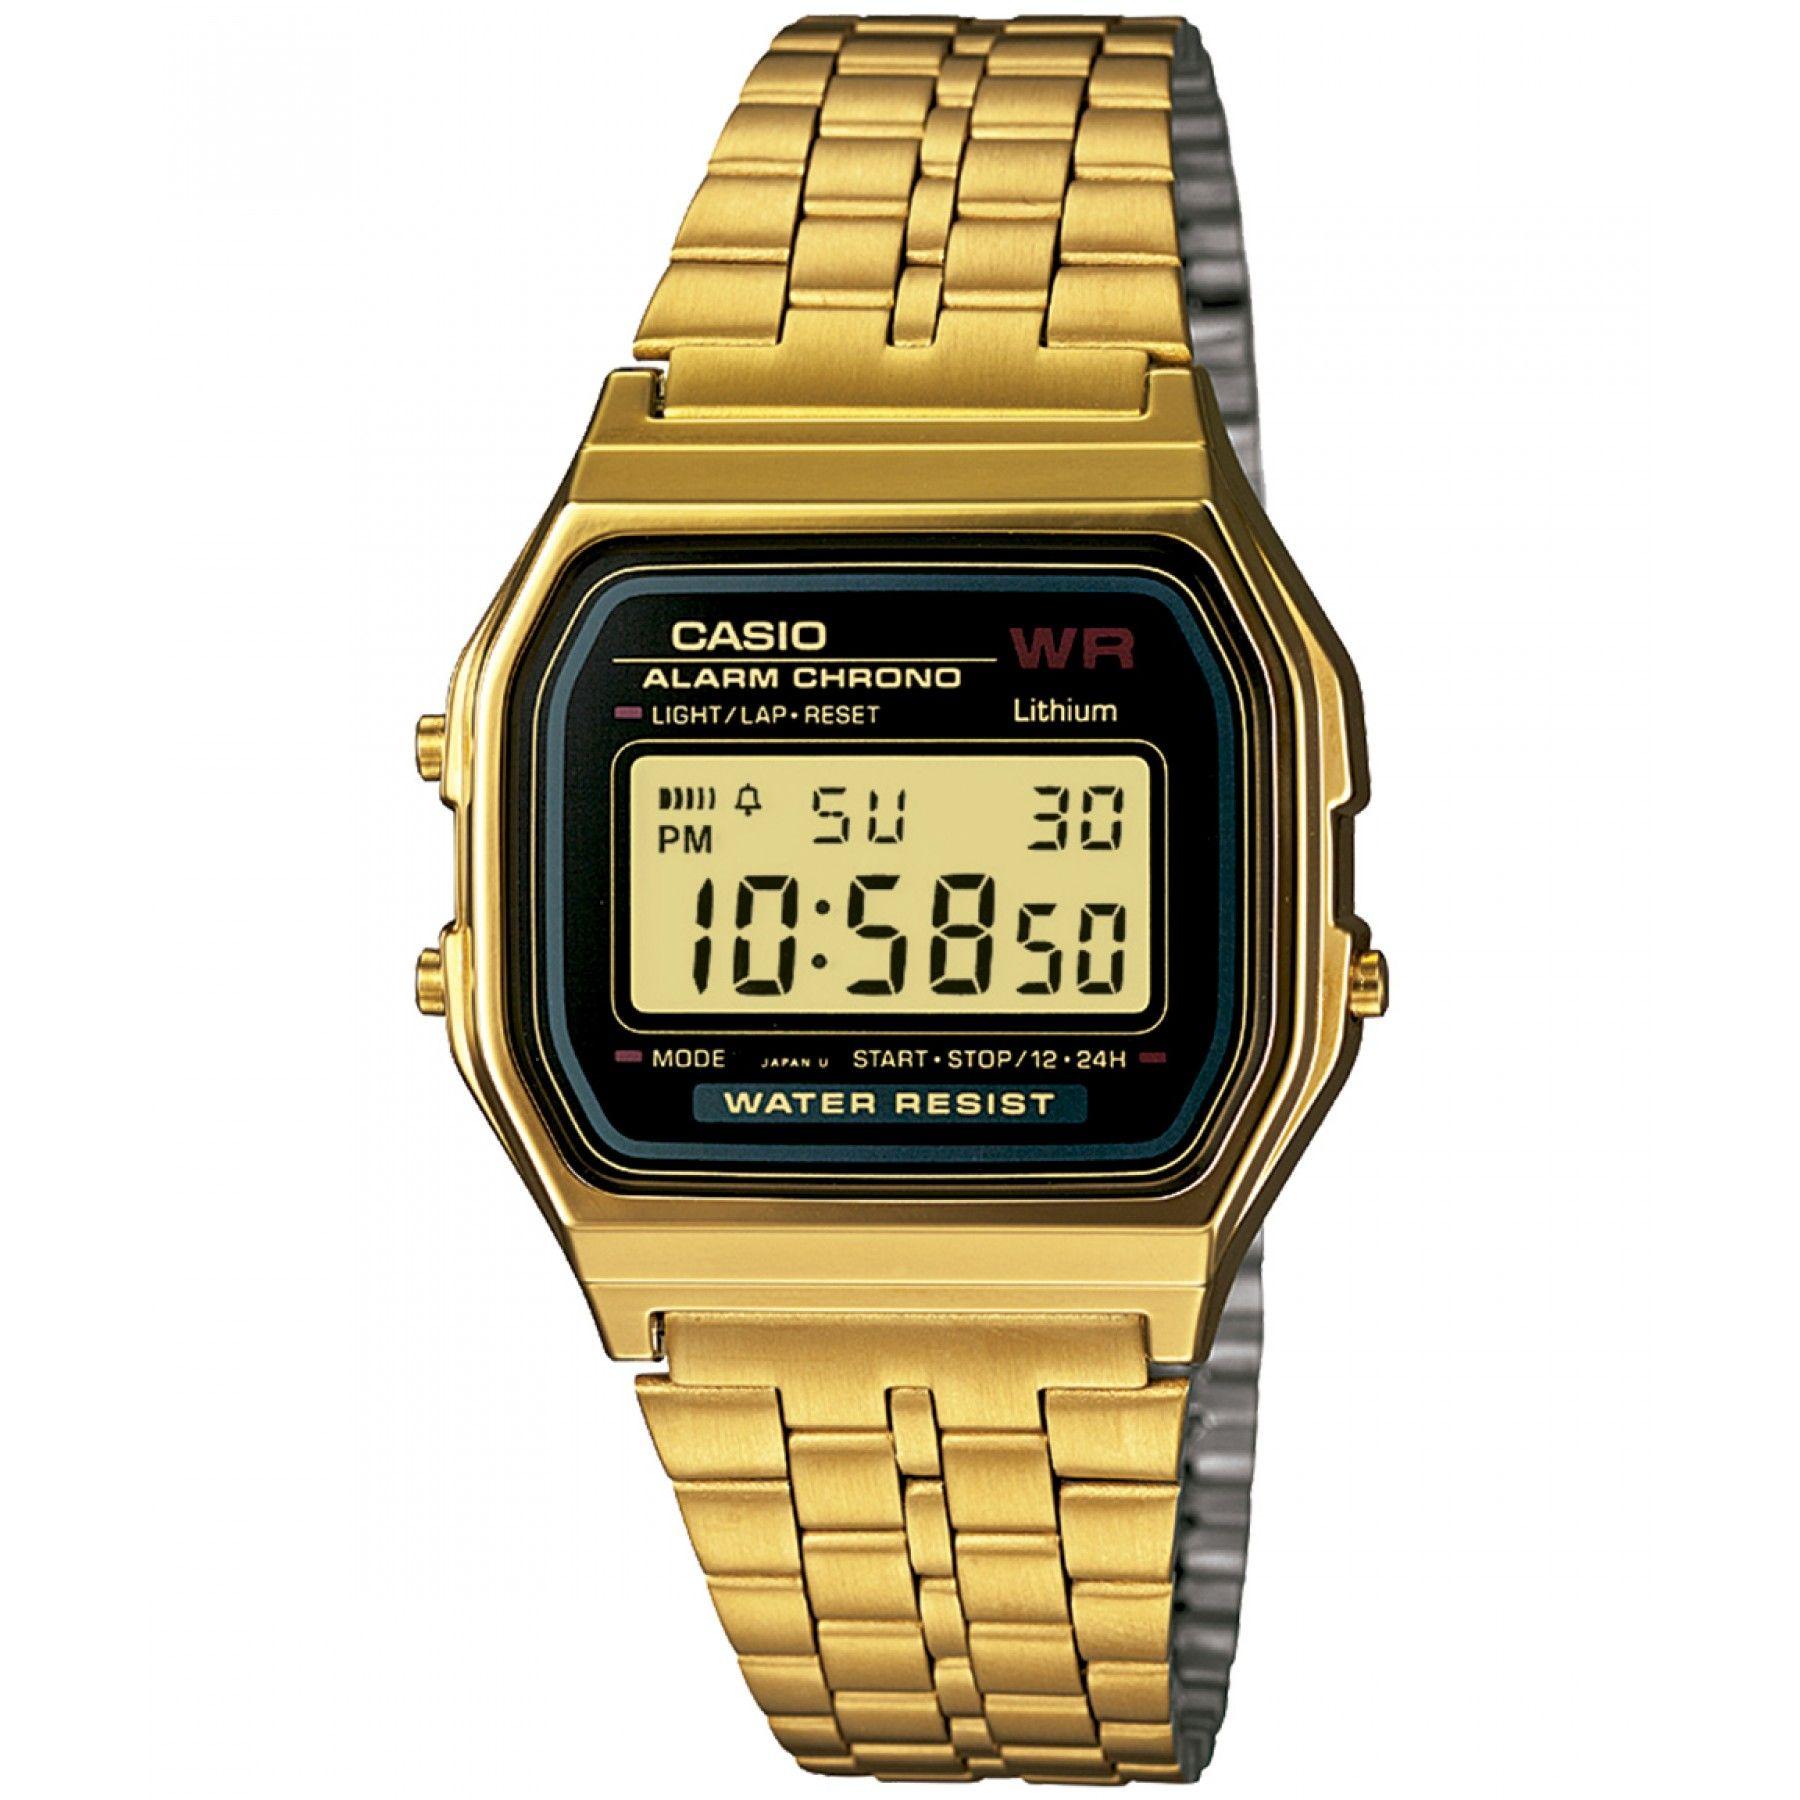 5ea1bacbcae9 Reloj Casio con caja y bisel de acero inoxidable con acabado dorado  extensible de brazalete carátula negra con display y funciones de Alarma  Diaria y ...